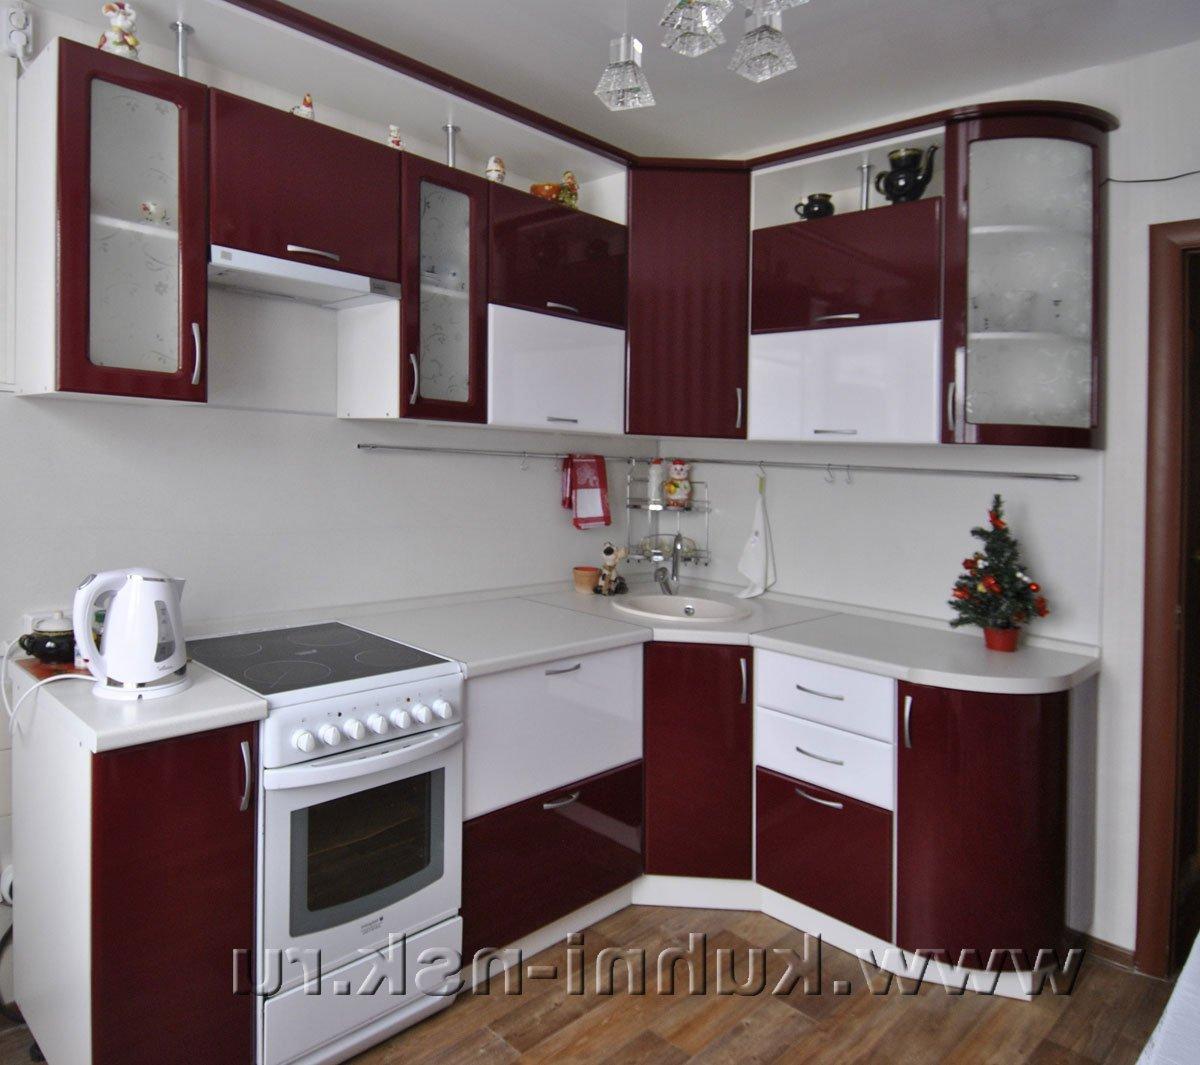 Дизайн кухни угловой 8 кв.м фото с